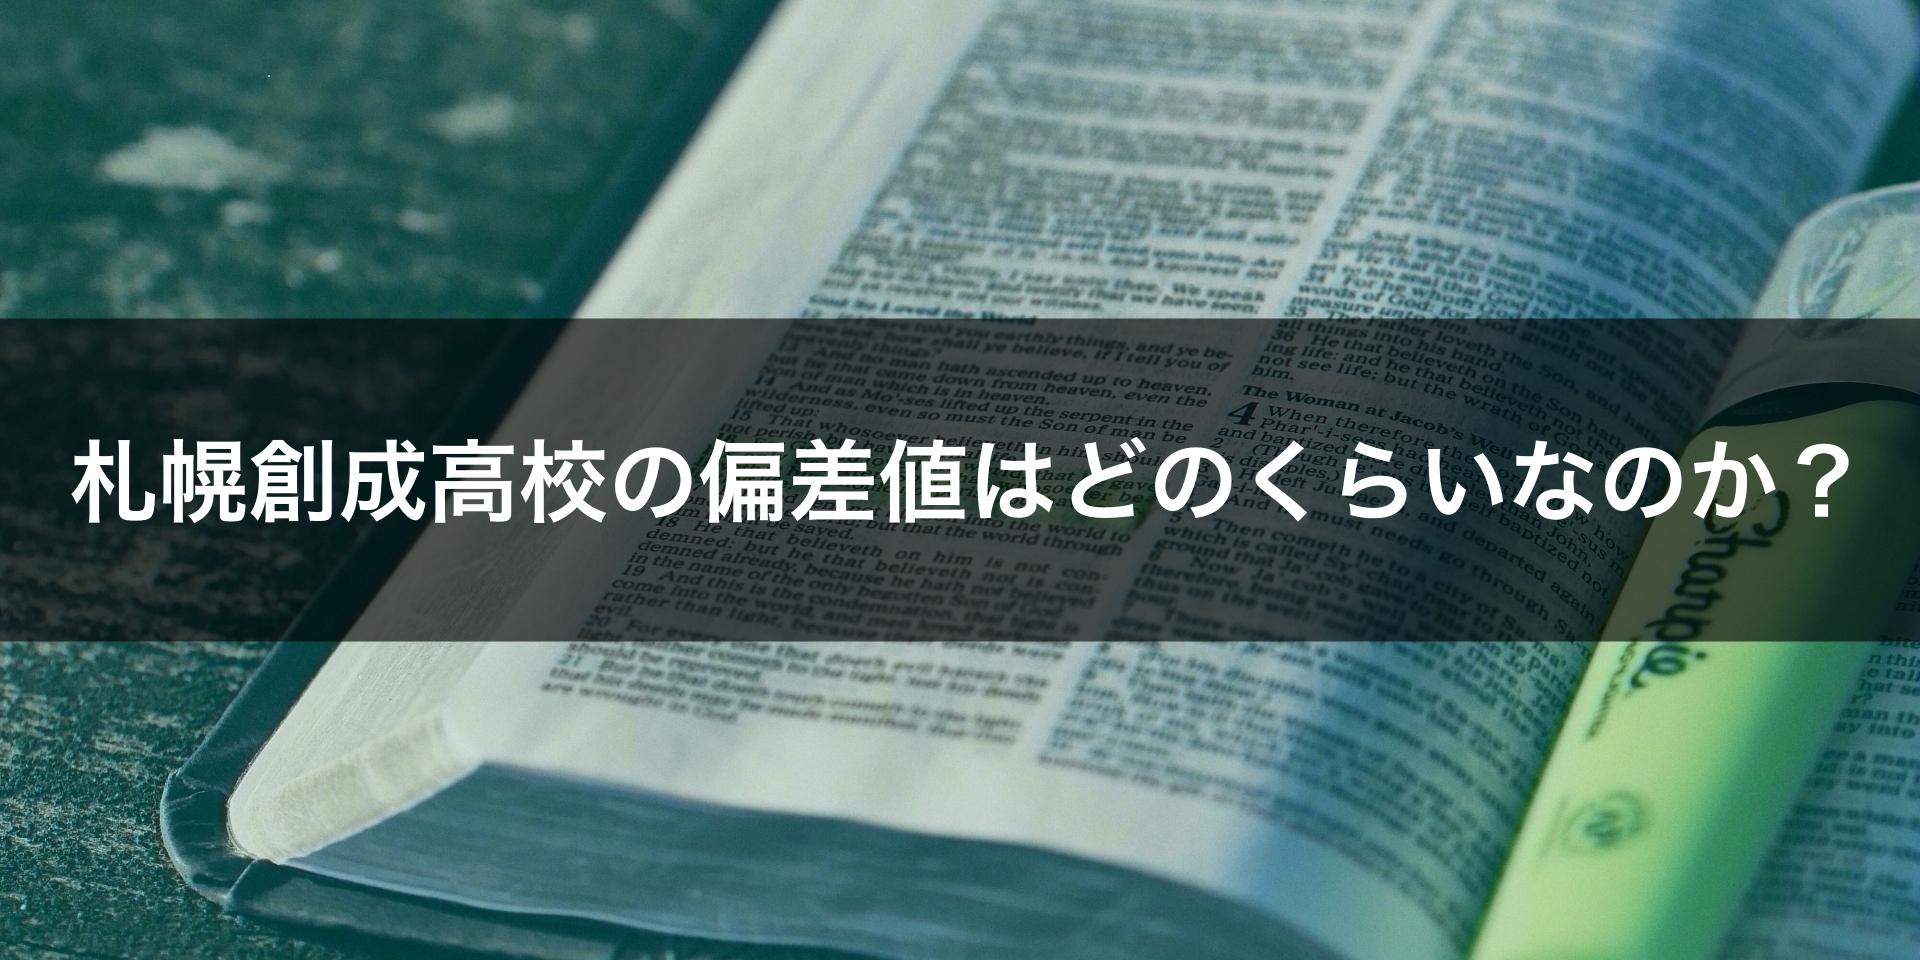 札幌創成高校の偏差値はどのくらいなのか?